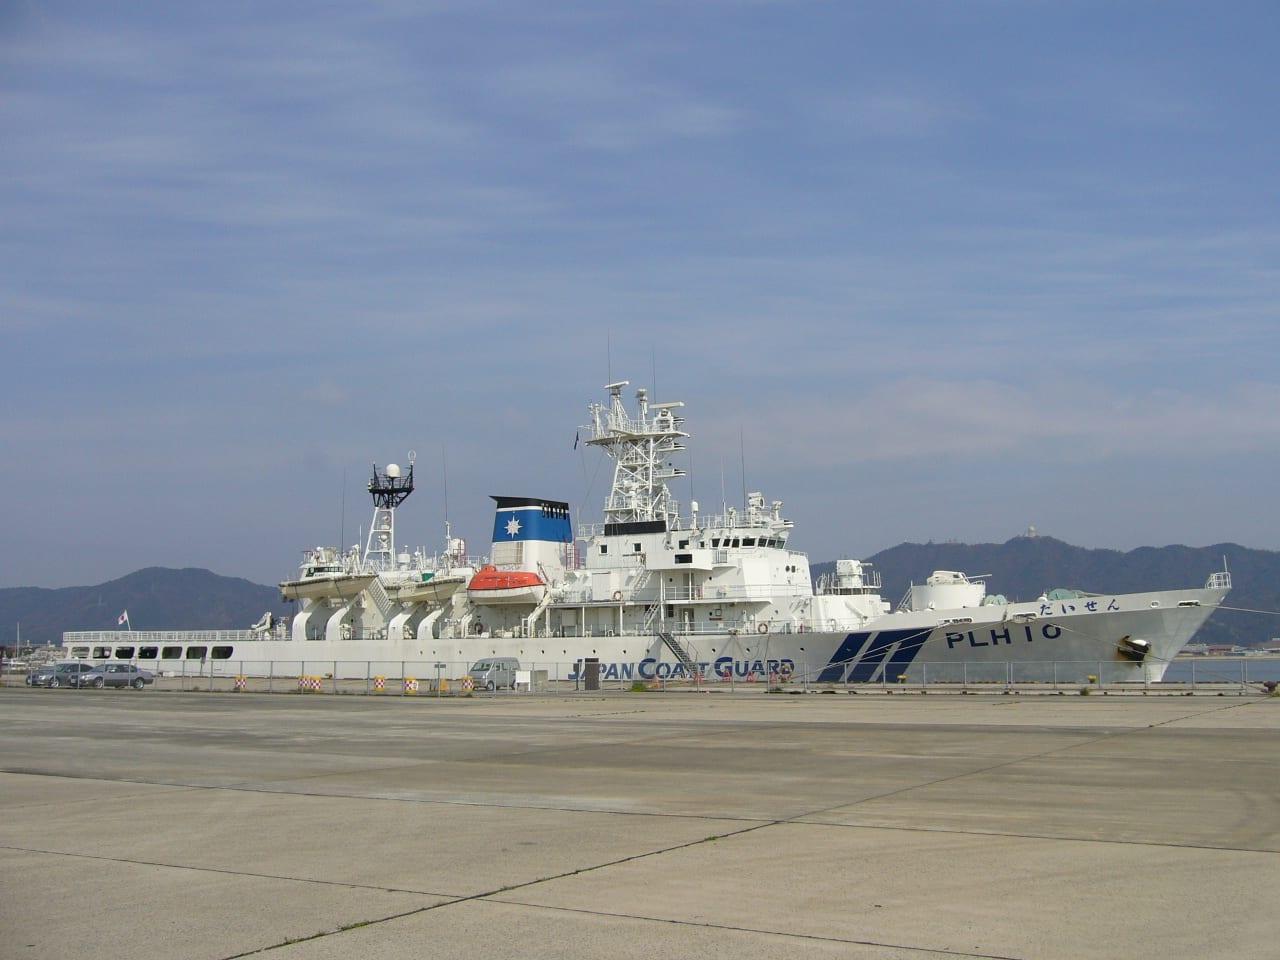 やはり第八管区の巡視船と言えば「だいせん」 公称船型 ヘリコプター1機搭... ヘリ搭載型巡視船